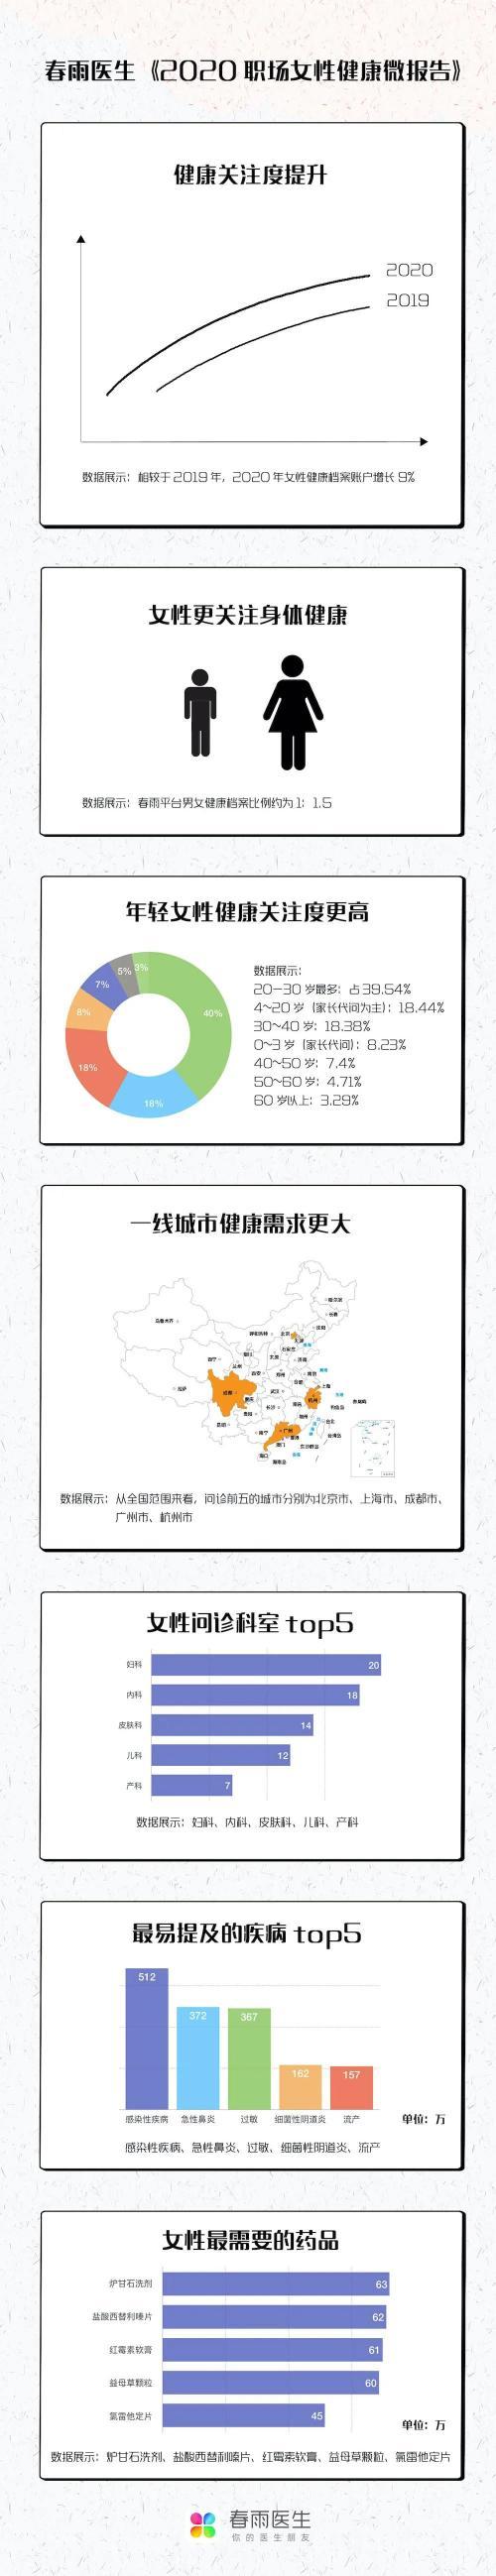 女神节特辑|2020春雨职场女性健康微报告